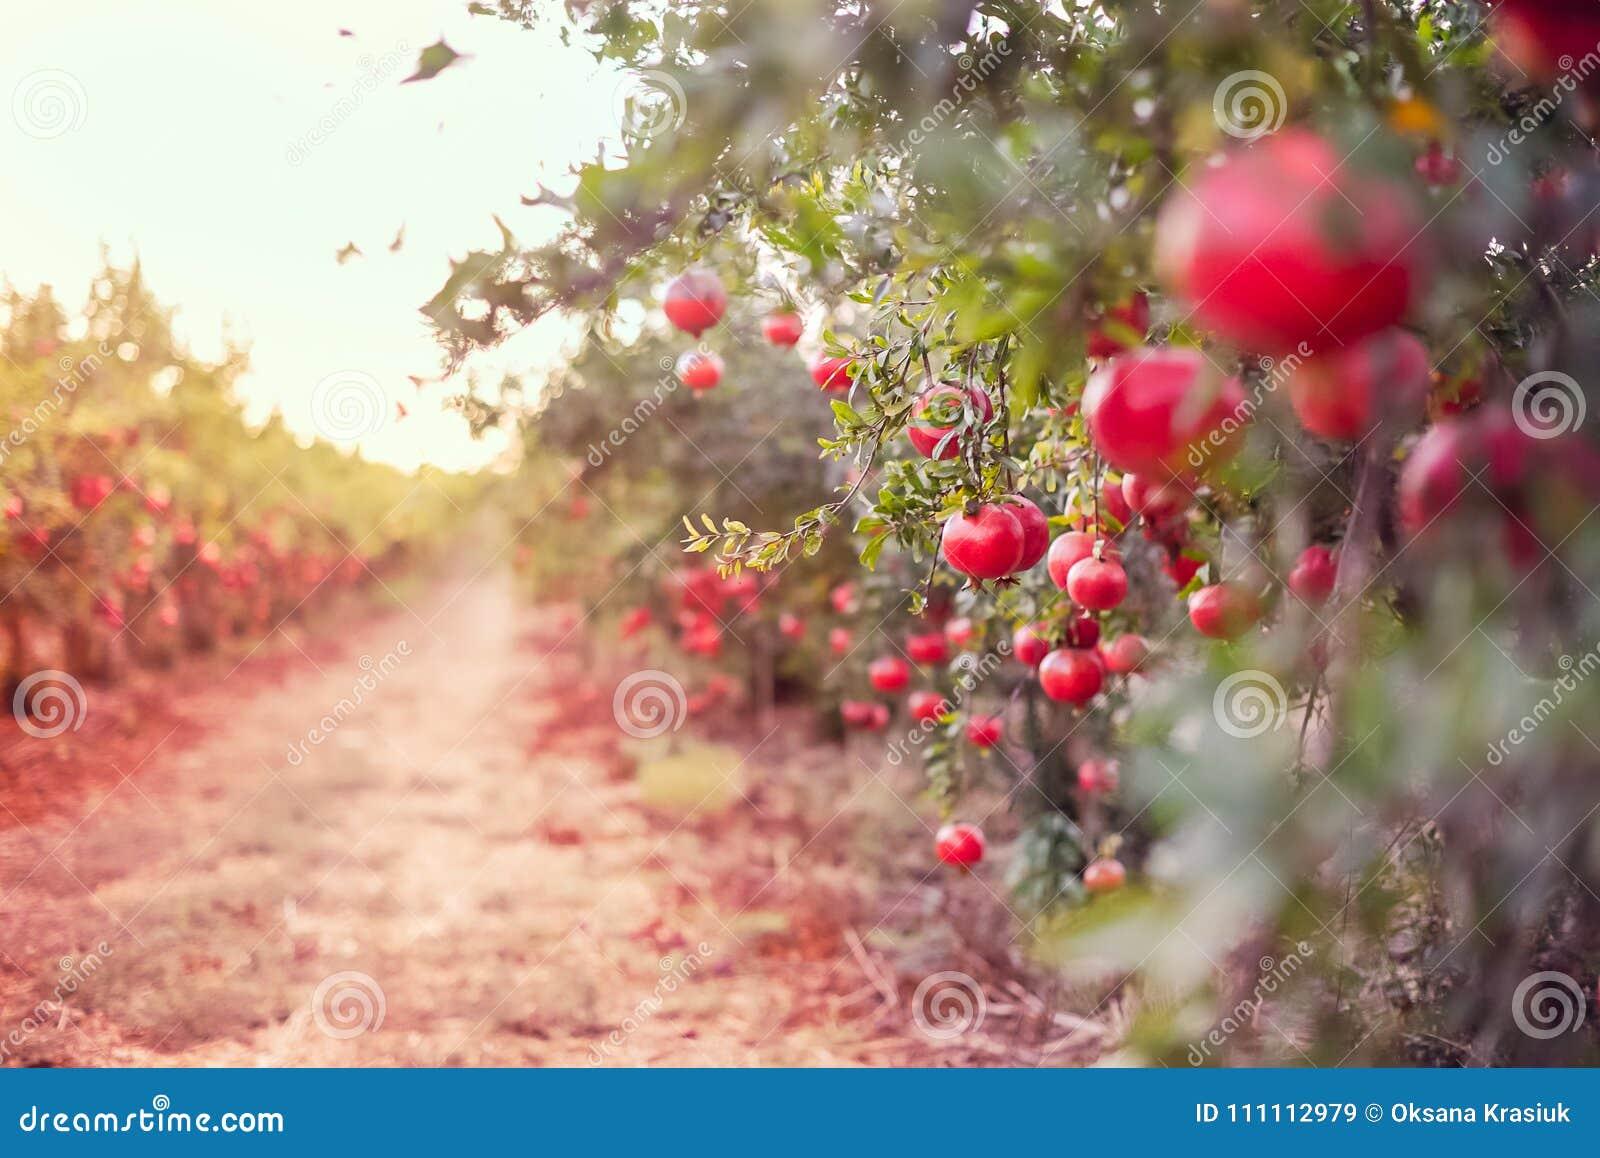 De vage steeg in de tuin met rijpe granaatappelvruchten die op een boom hangen vertakt zich Het concept van de oogst De herfst ve